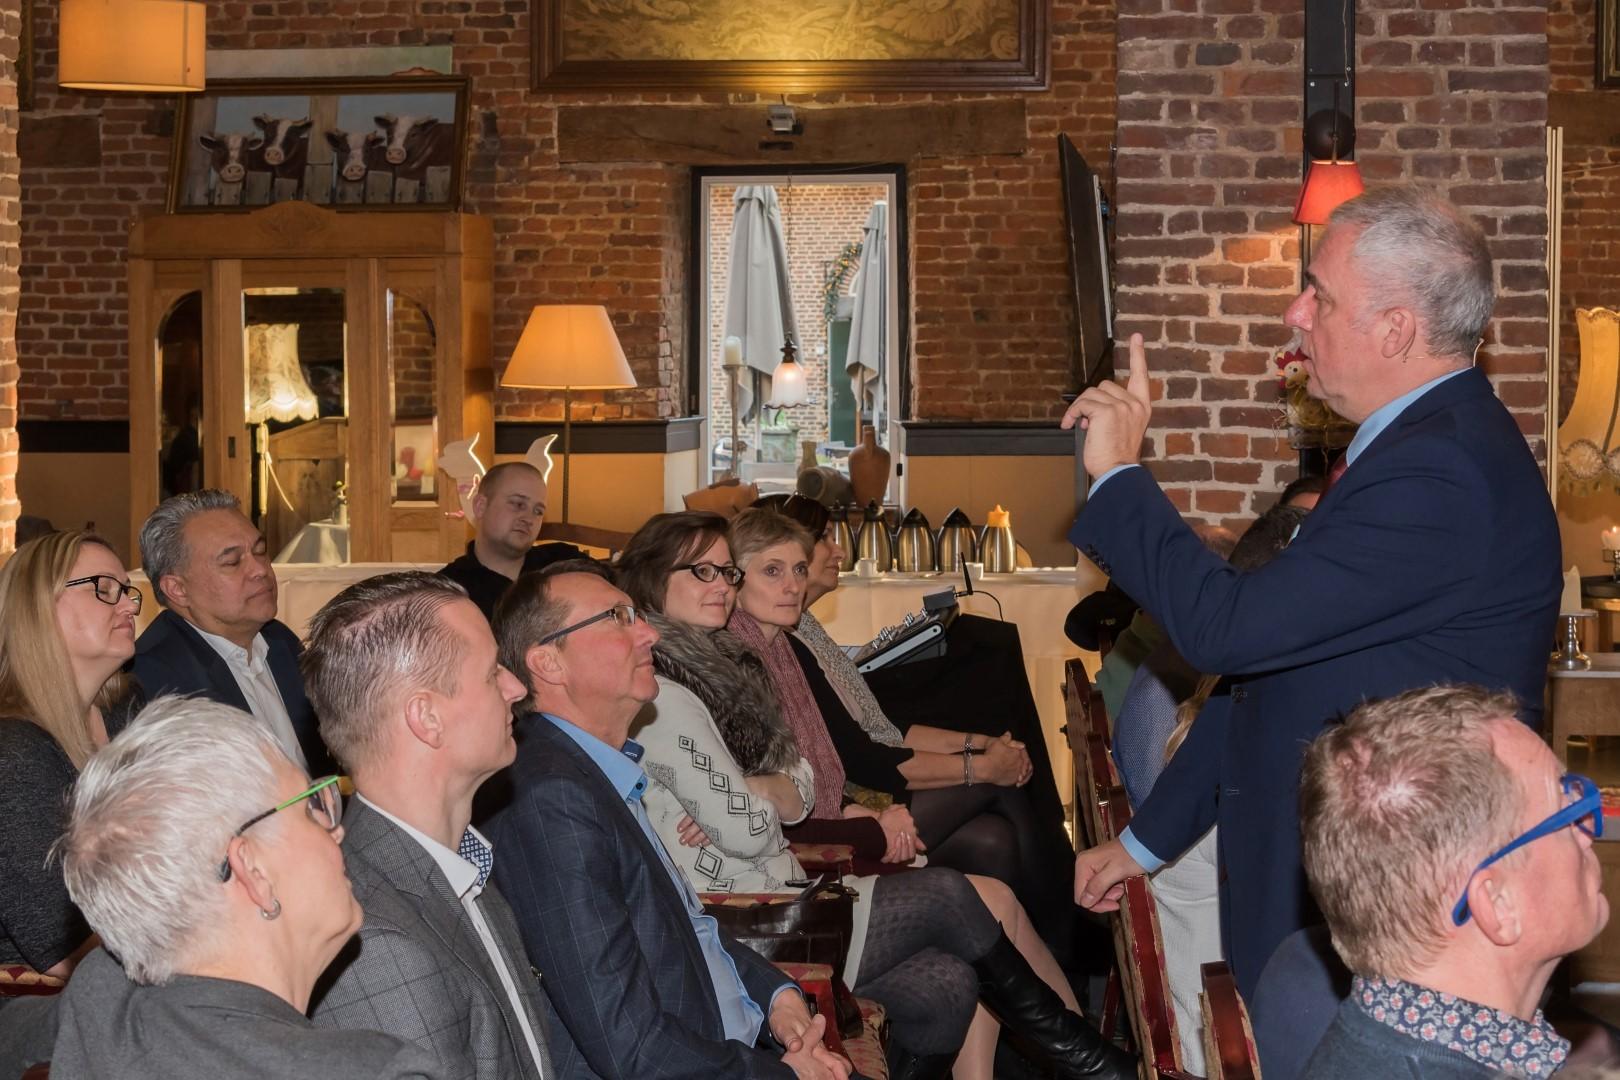 2018 maart 29 Geleen Kom'mit bijeenkomst bewerkt (39 van 67)_filtered (Large)